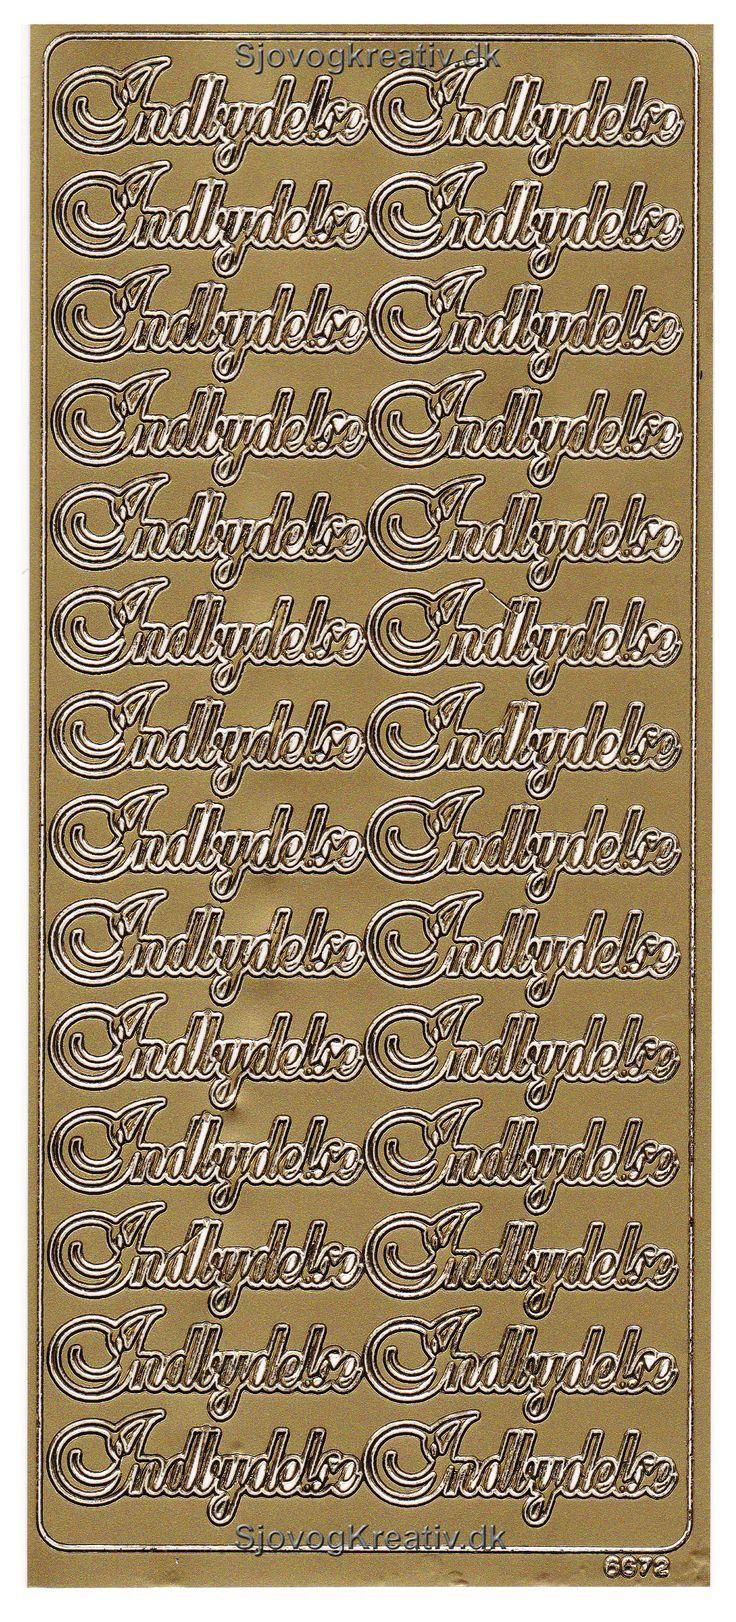 Sickers ark med guld skrift med Indbydelse til dine fest invitationer fra sjovogkreativ.dk